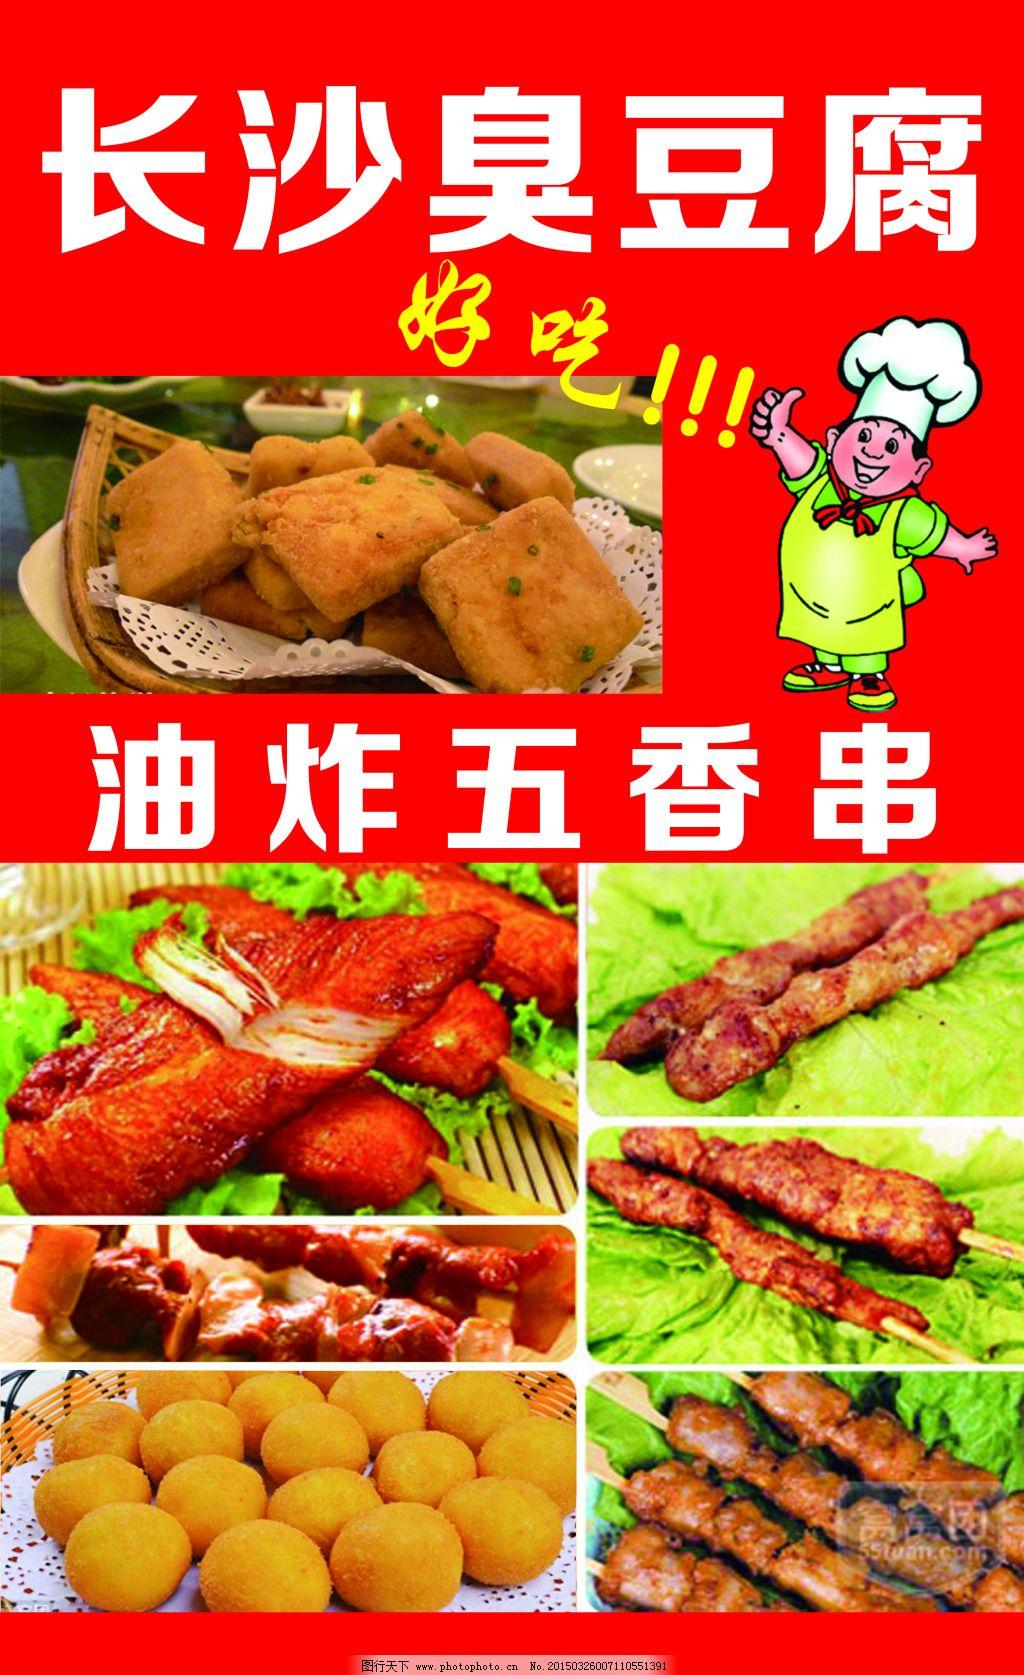 臭豆腐 臭豆腐免费下载 长沙臭豆腐 五香串 海报 海报背景图